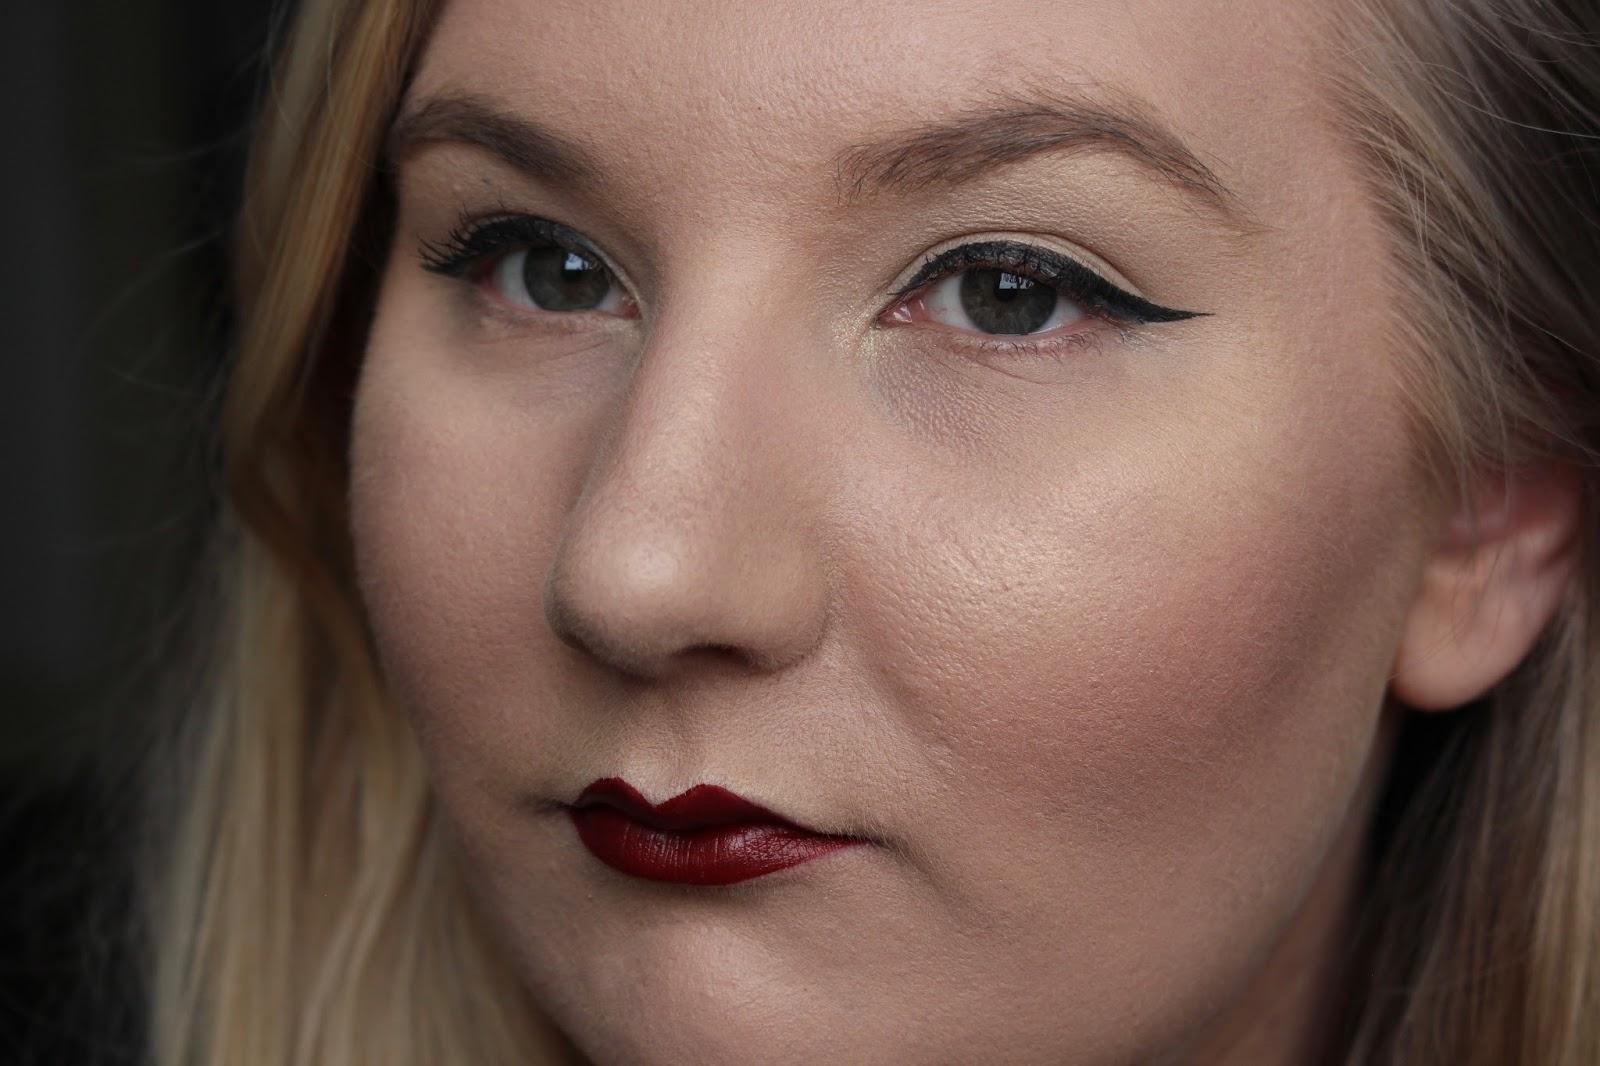 Velveteen Femme NARS Audacious Lipstick Jeanne